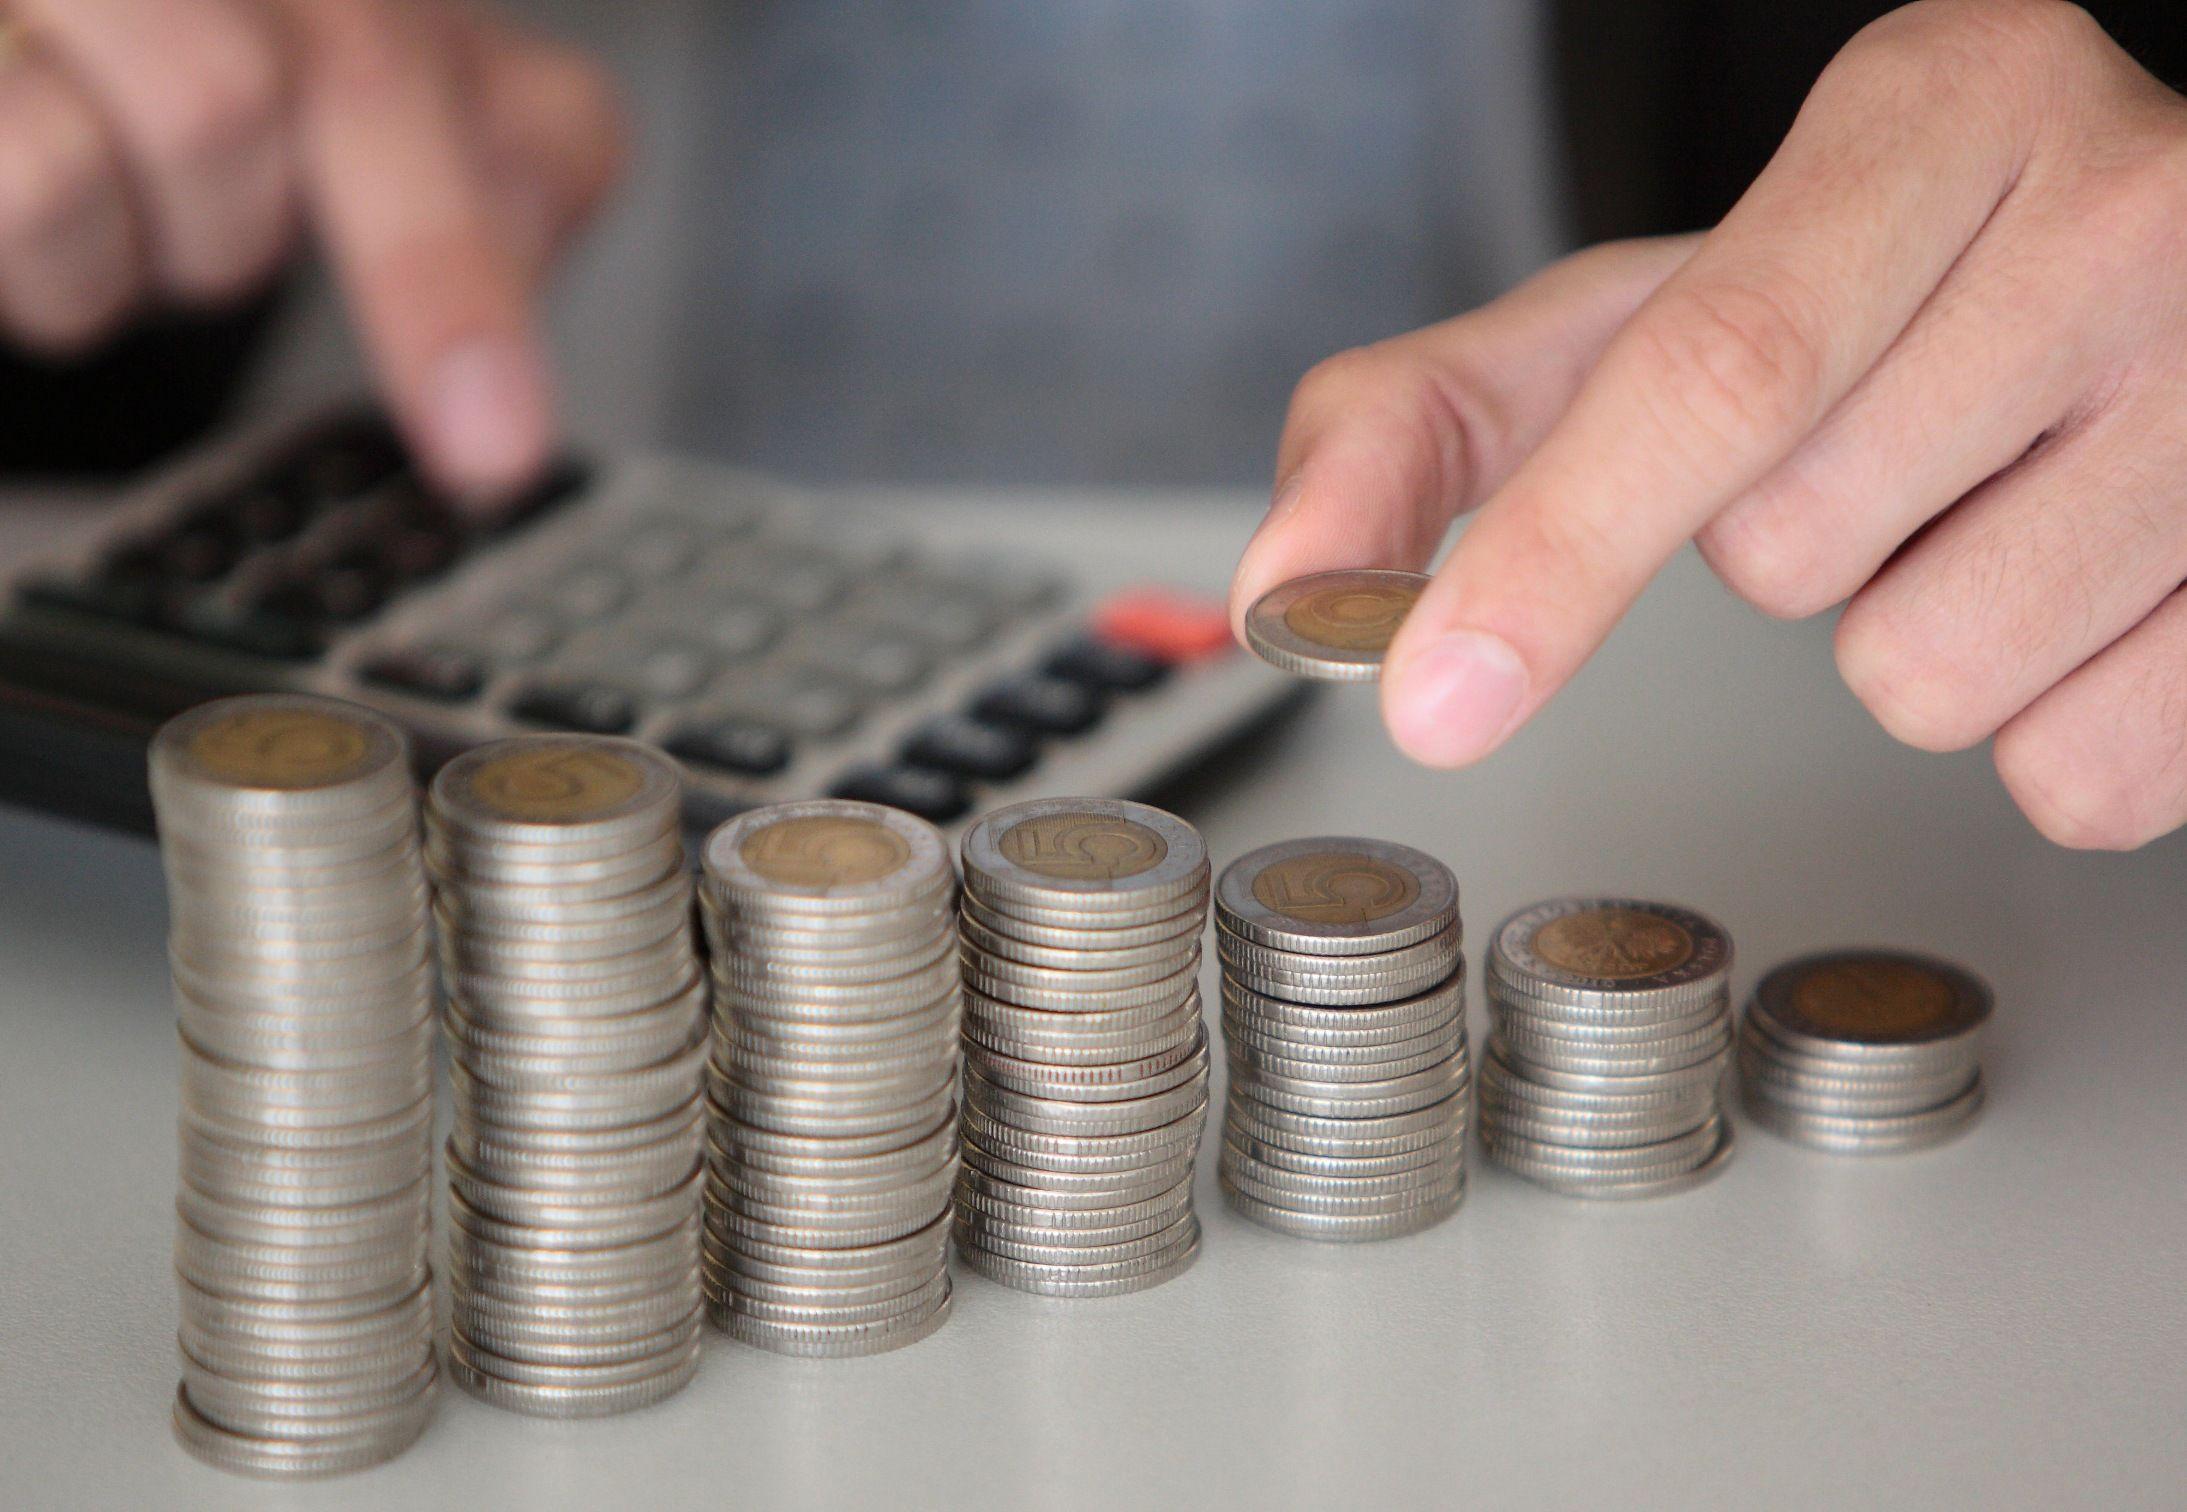 Nowy Ład: Klasa średnia zapłaci co miesiąc, by odzyskać dopiero po roku?